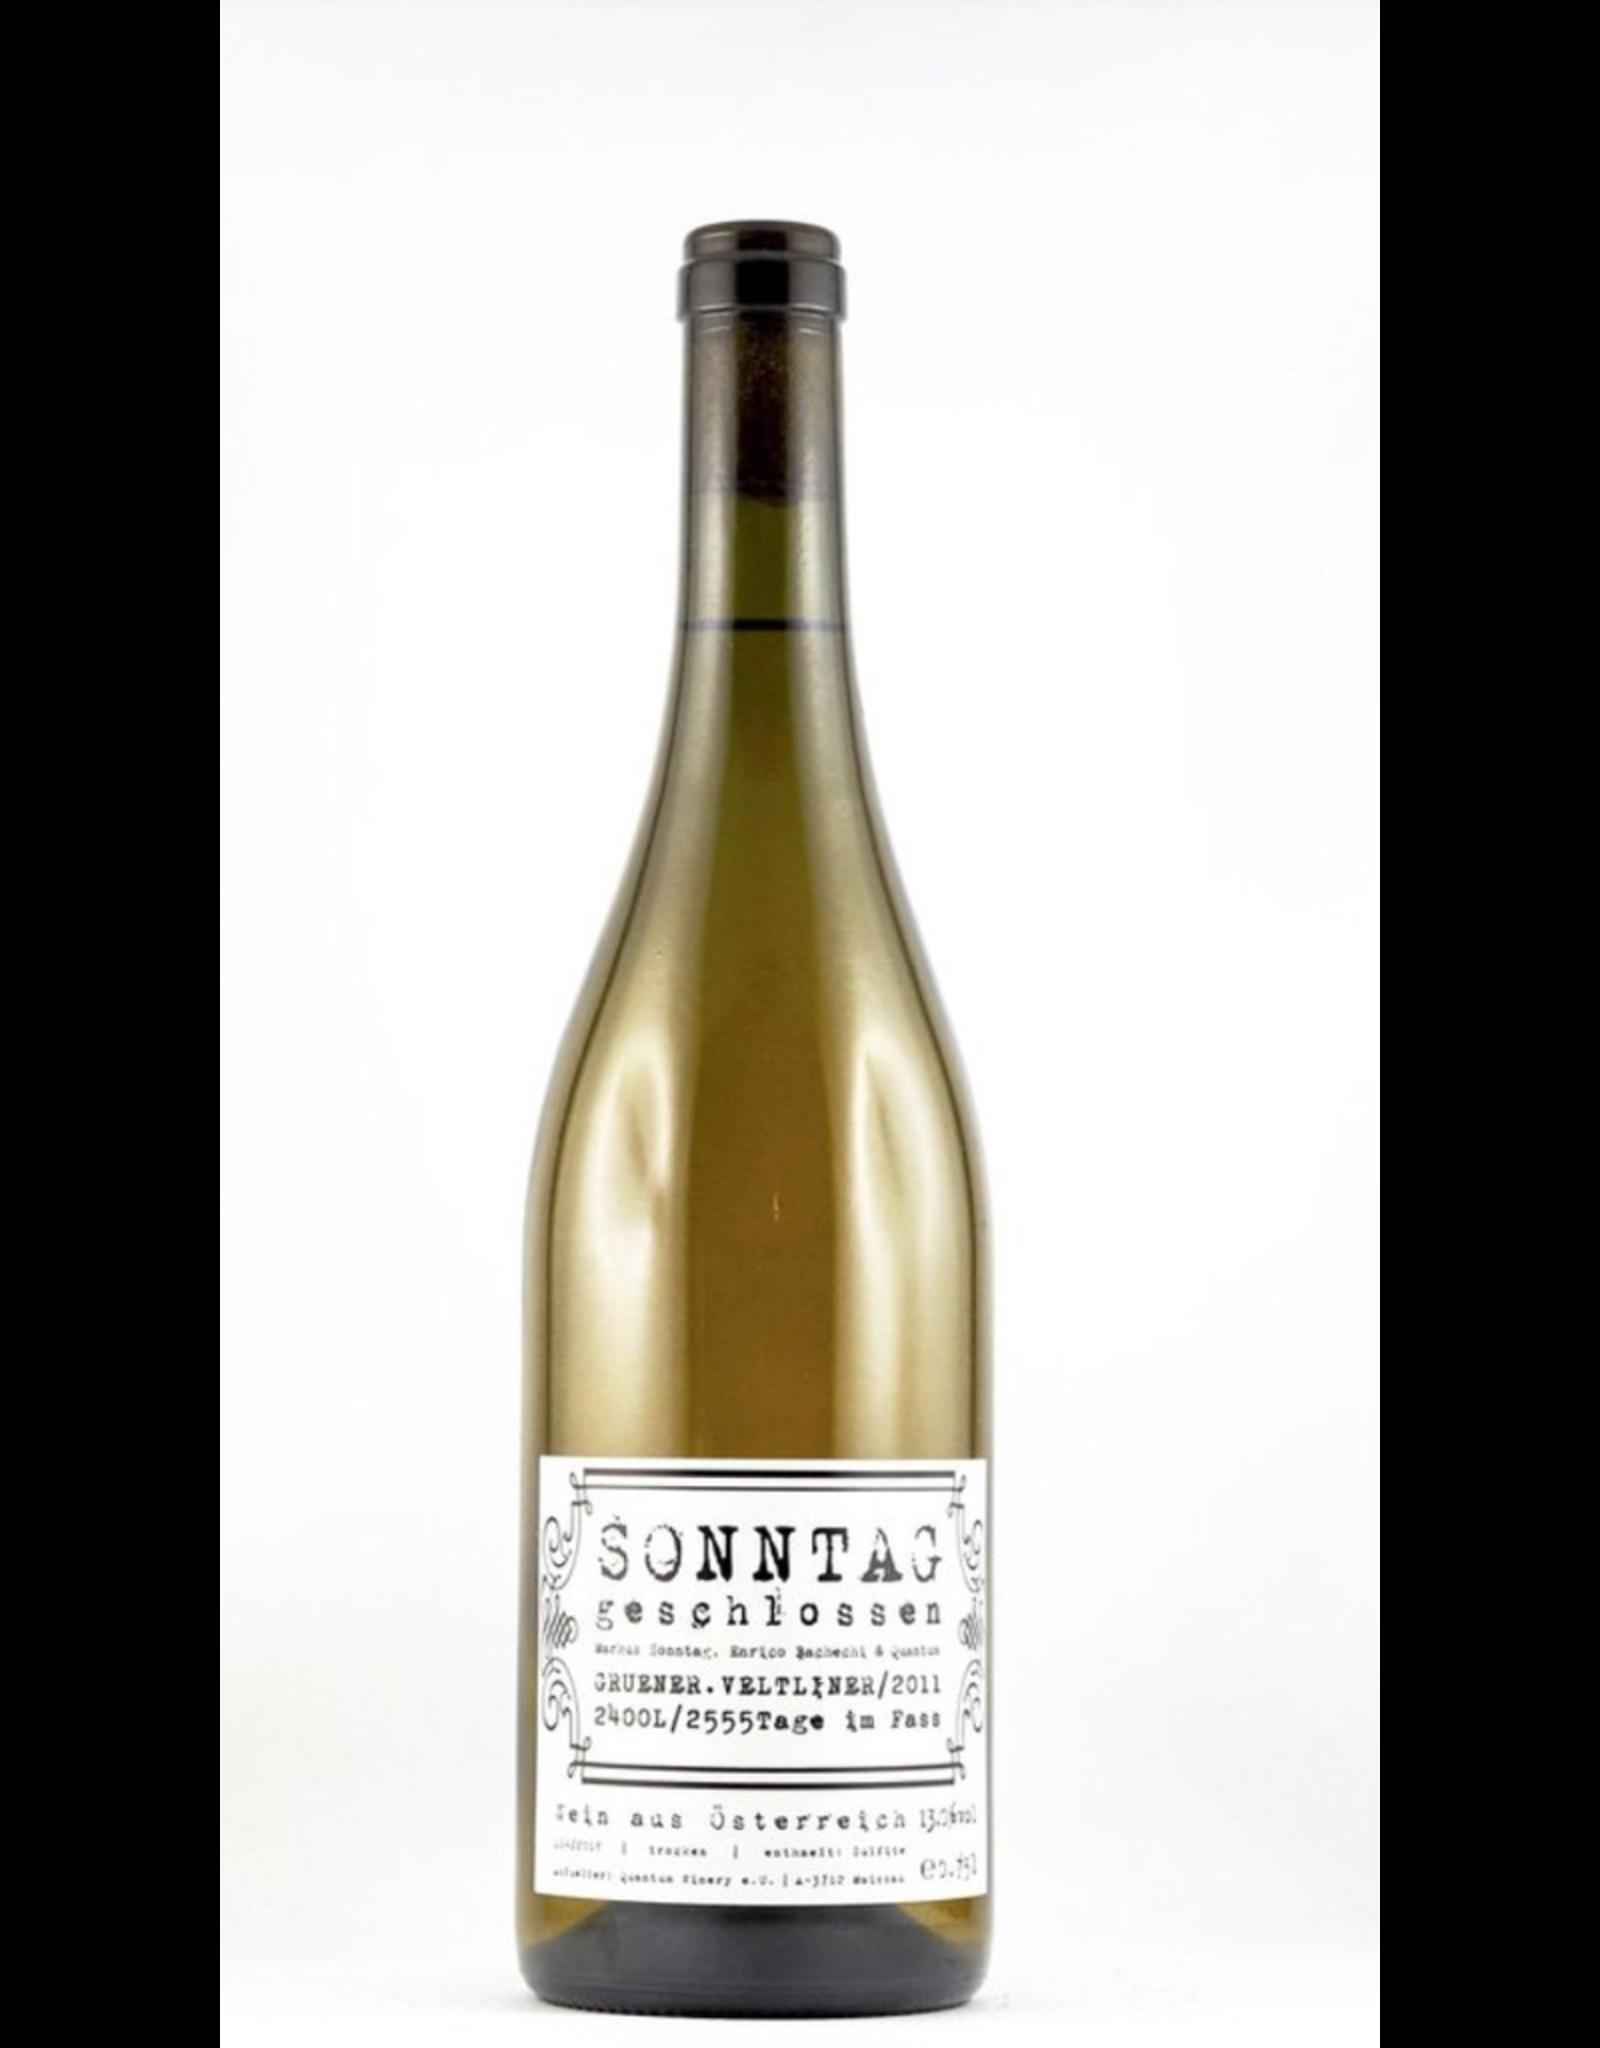 White Wine 2011, Vom Boden Sonntag Seschlossen Unfiltered Unfined, Gruner Veltliner, Kamptal, Niederosterreich, Austria, 10-13% Alc, CTnr